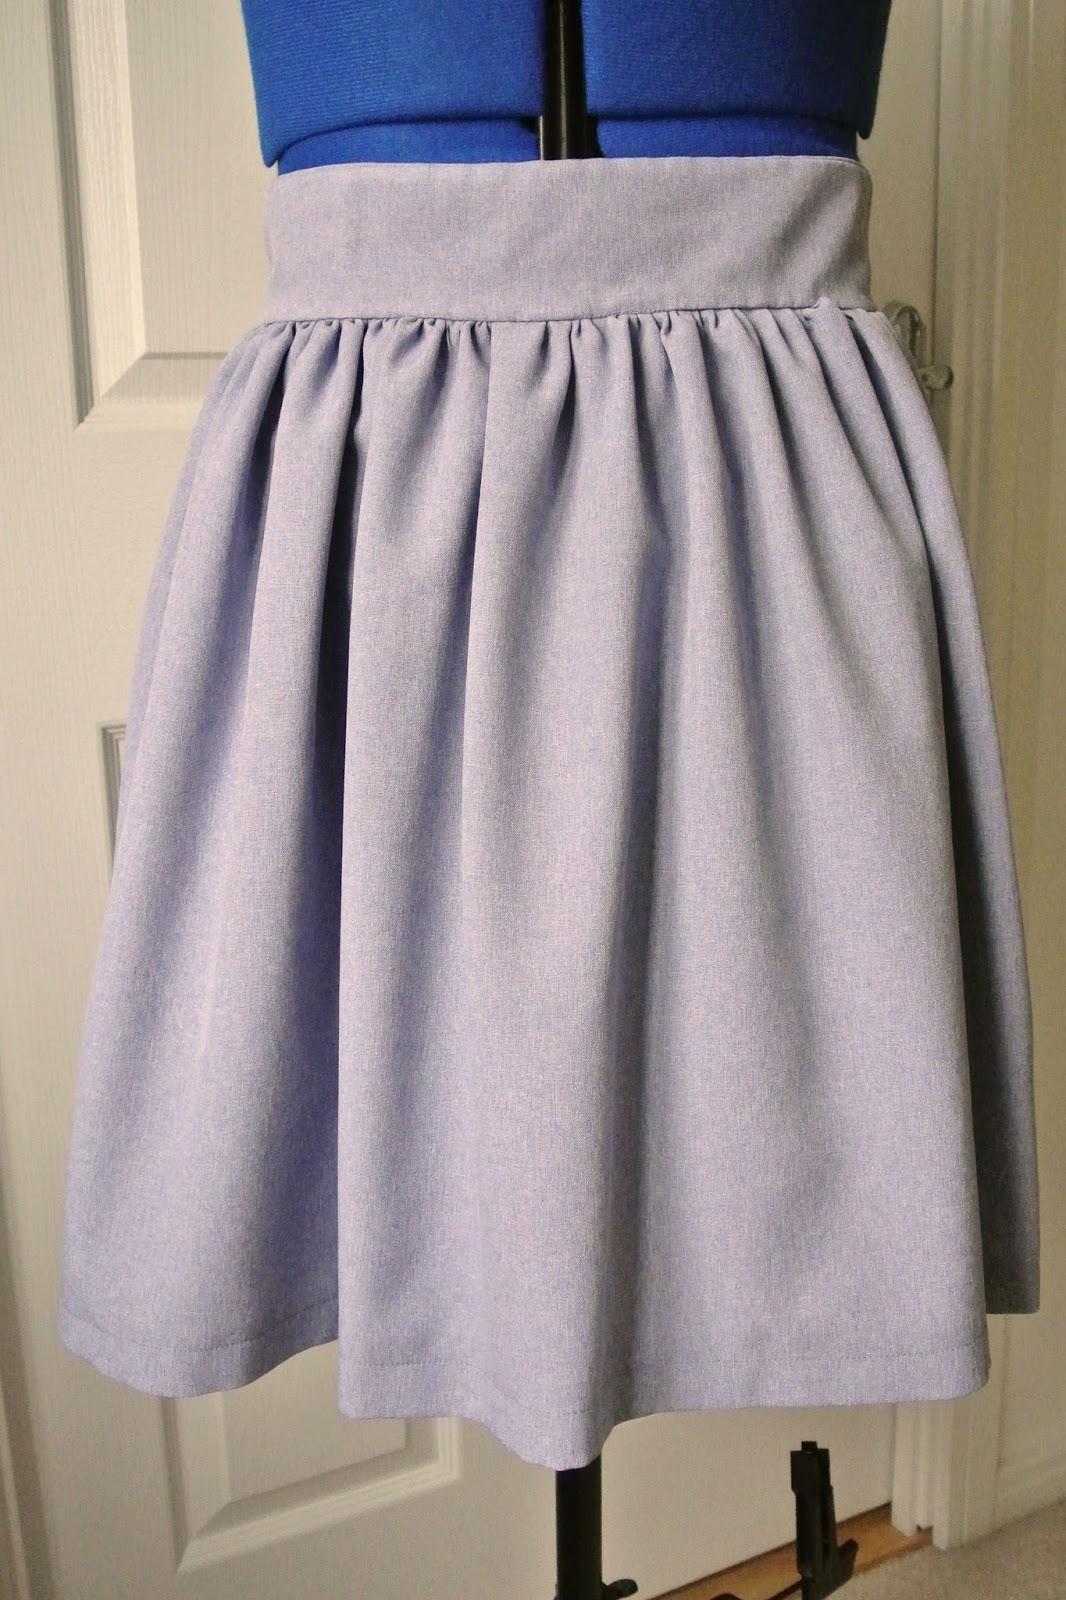 Clemence Skirt - Gem's Hems